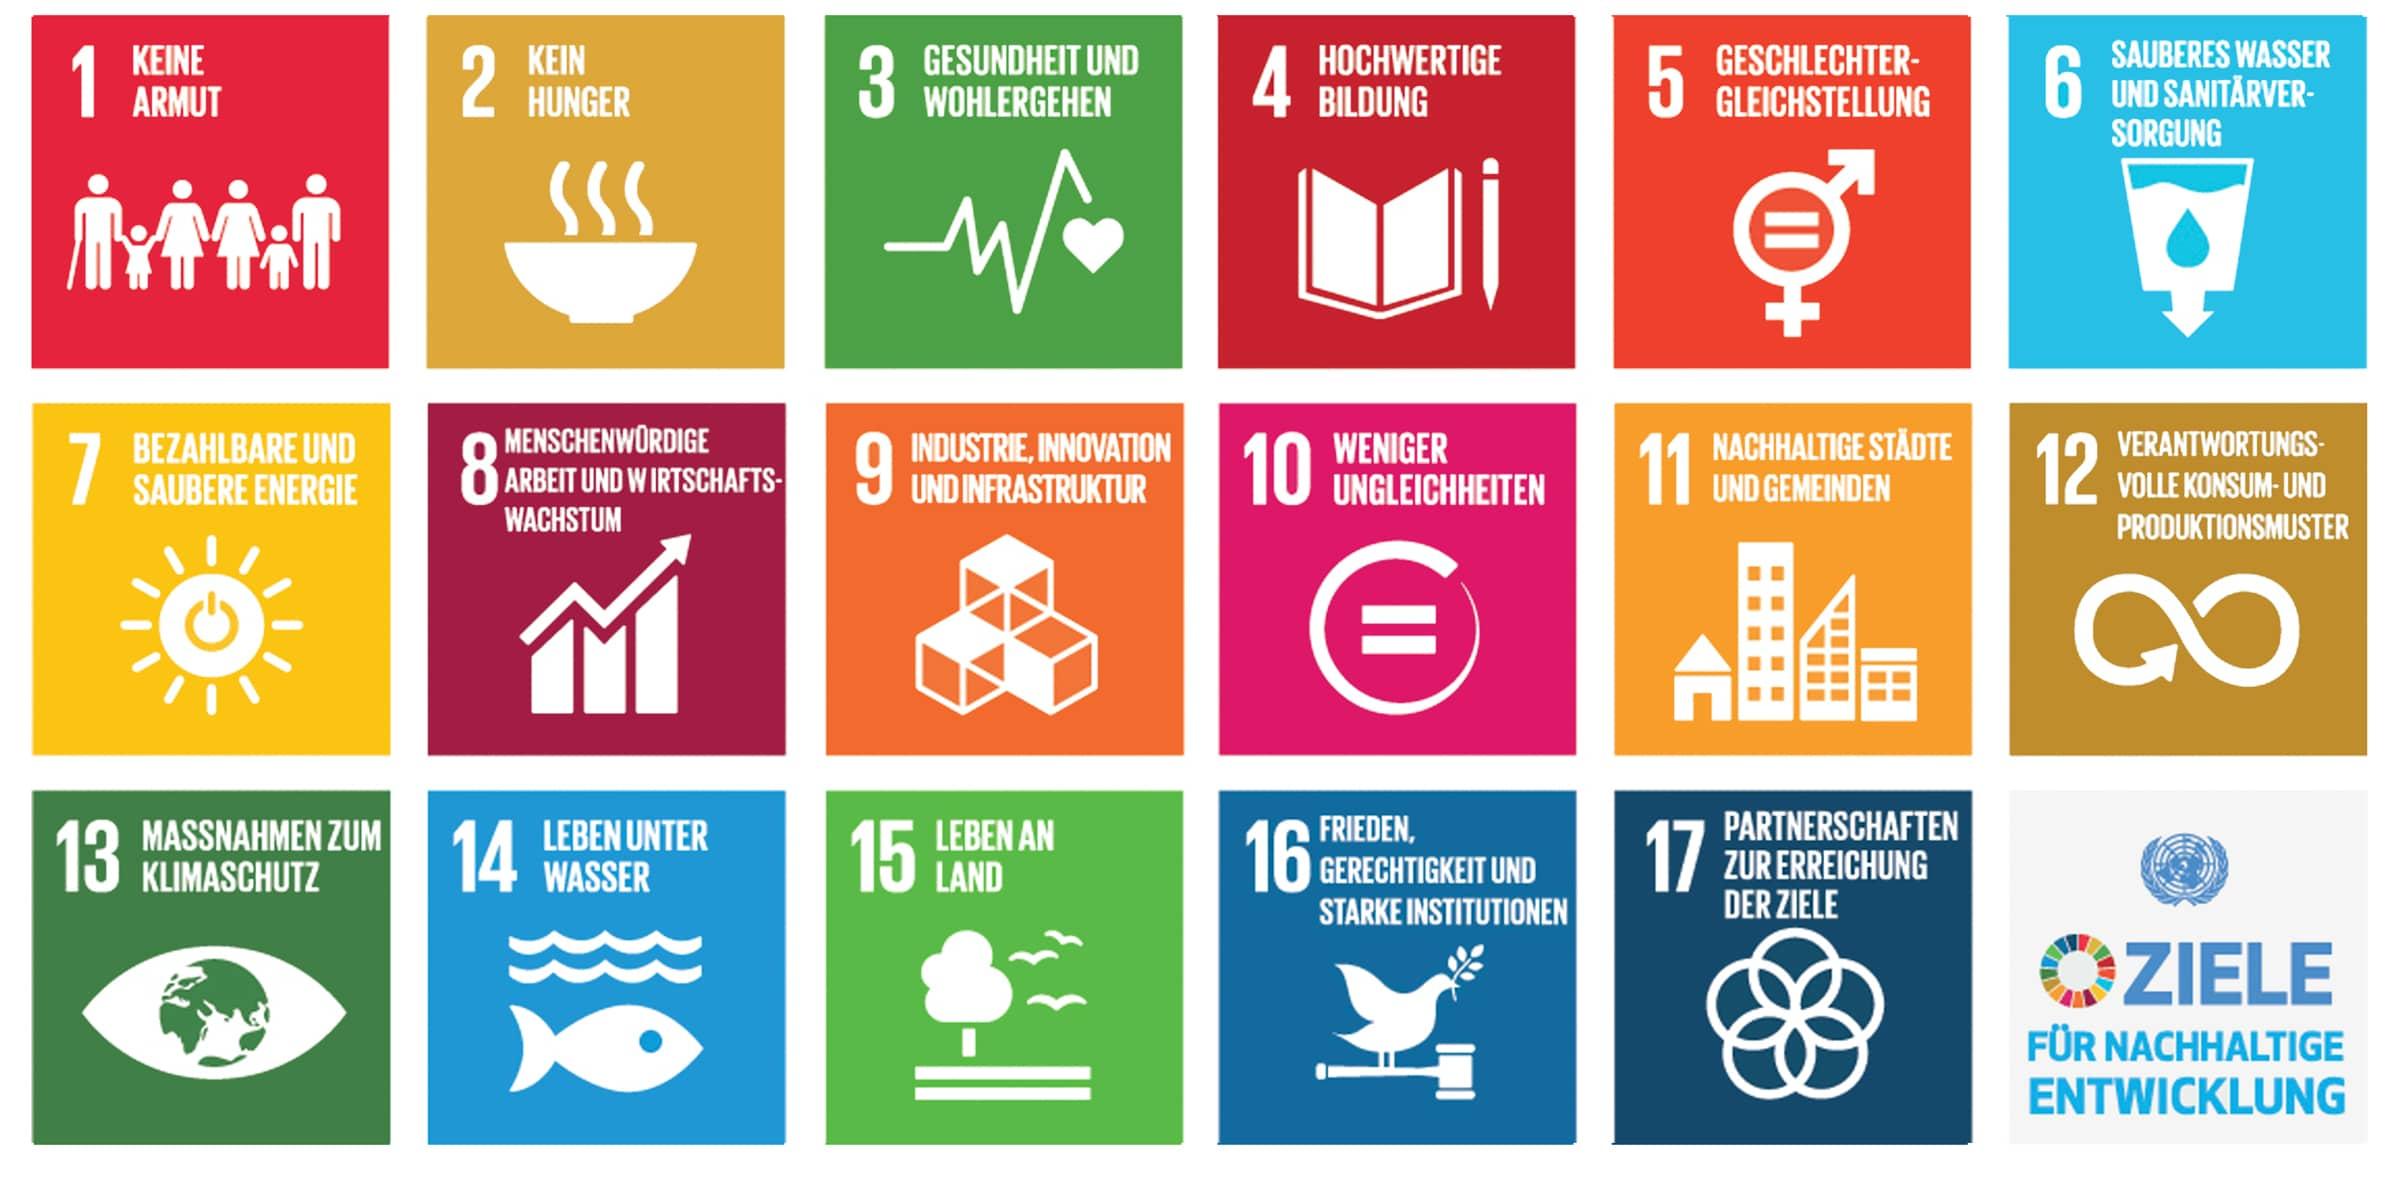 SDG DT klein